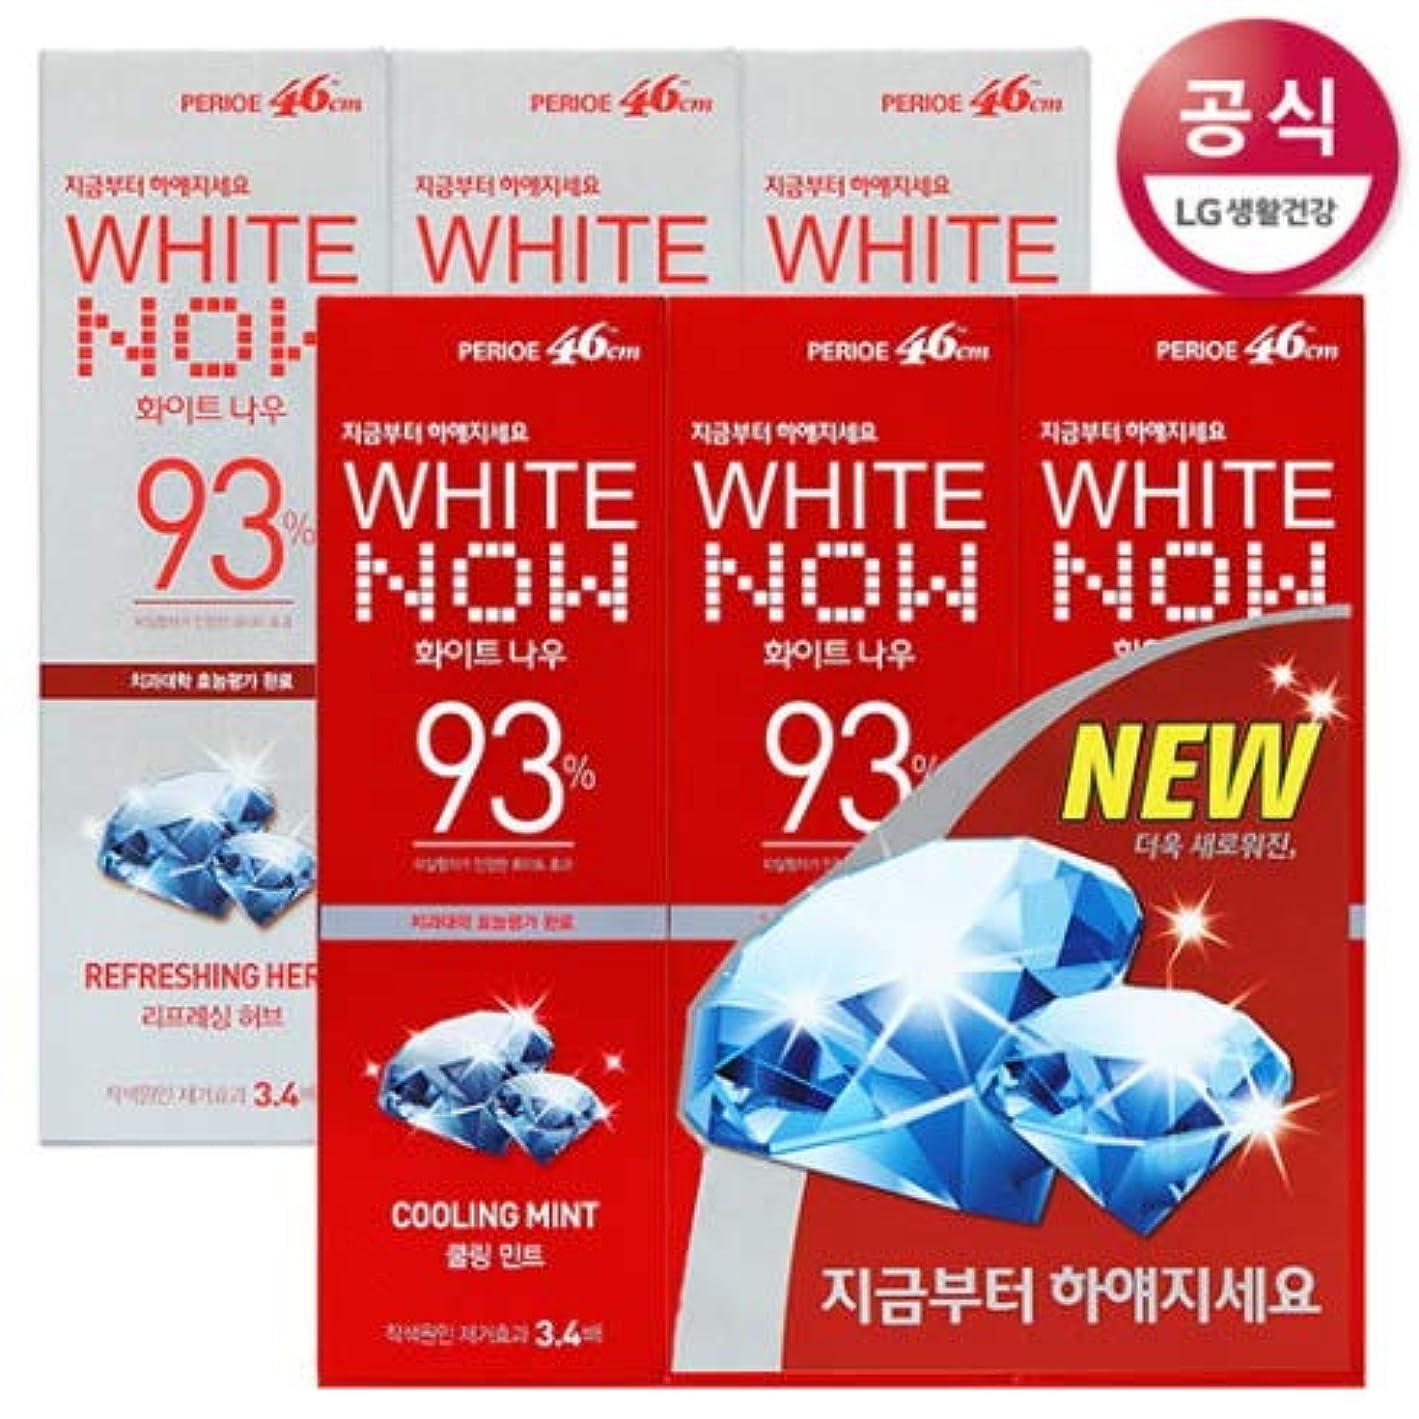 現実には食べる虚偽[LG HnB] Perio White Nau Toothpaste/ペリオホワイトナウ歯磨き粉 100gx6個(海外直送品)